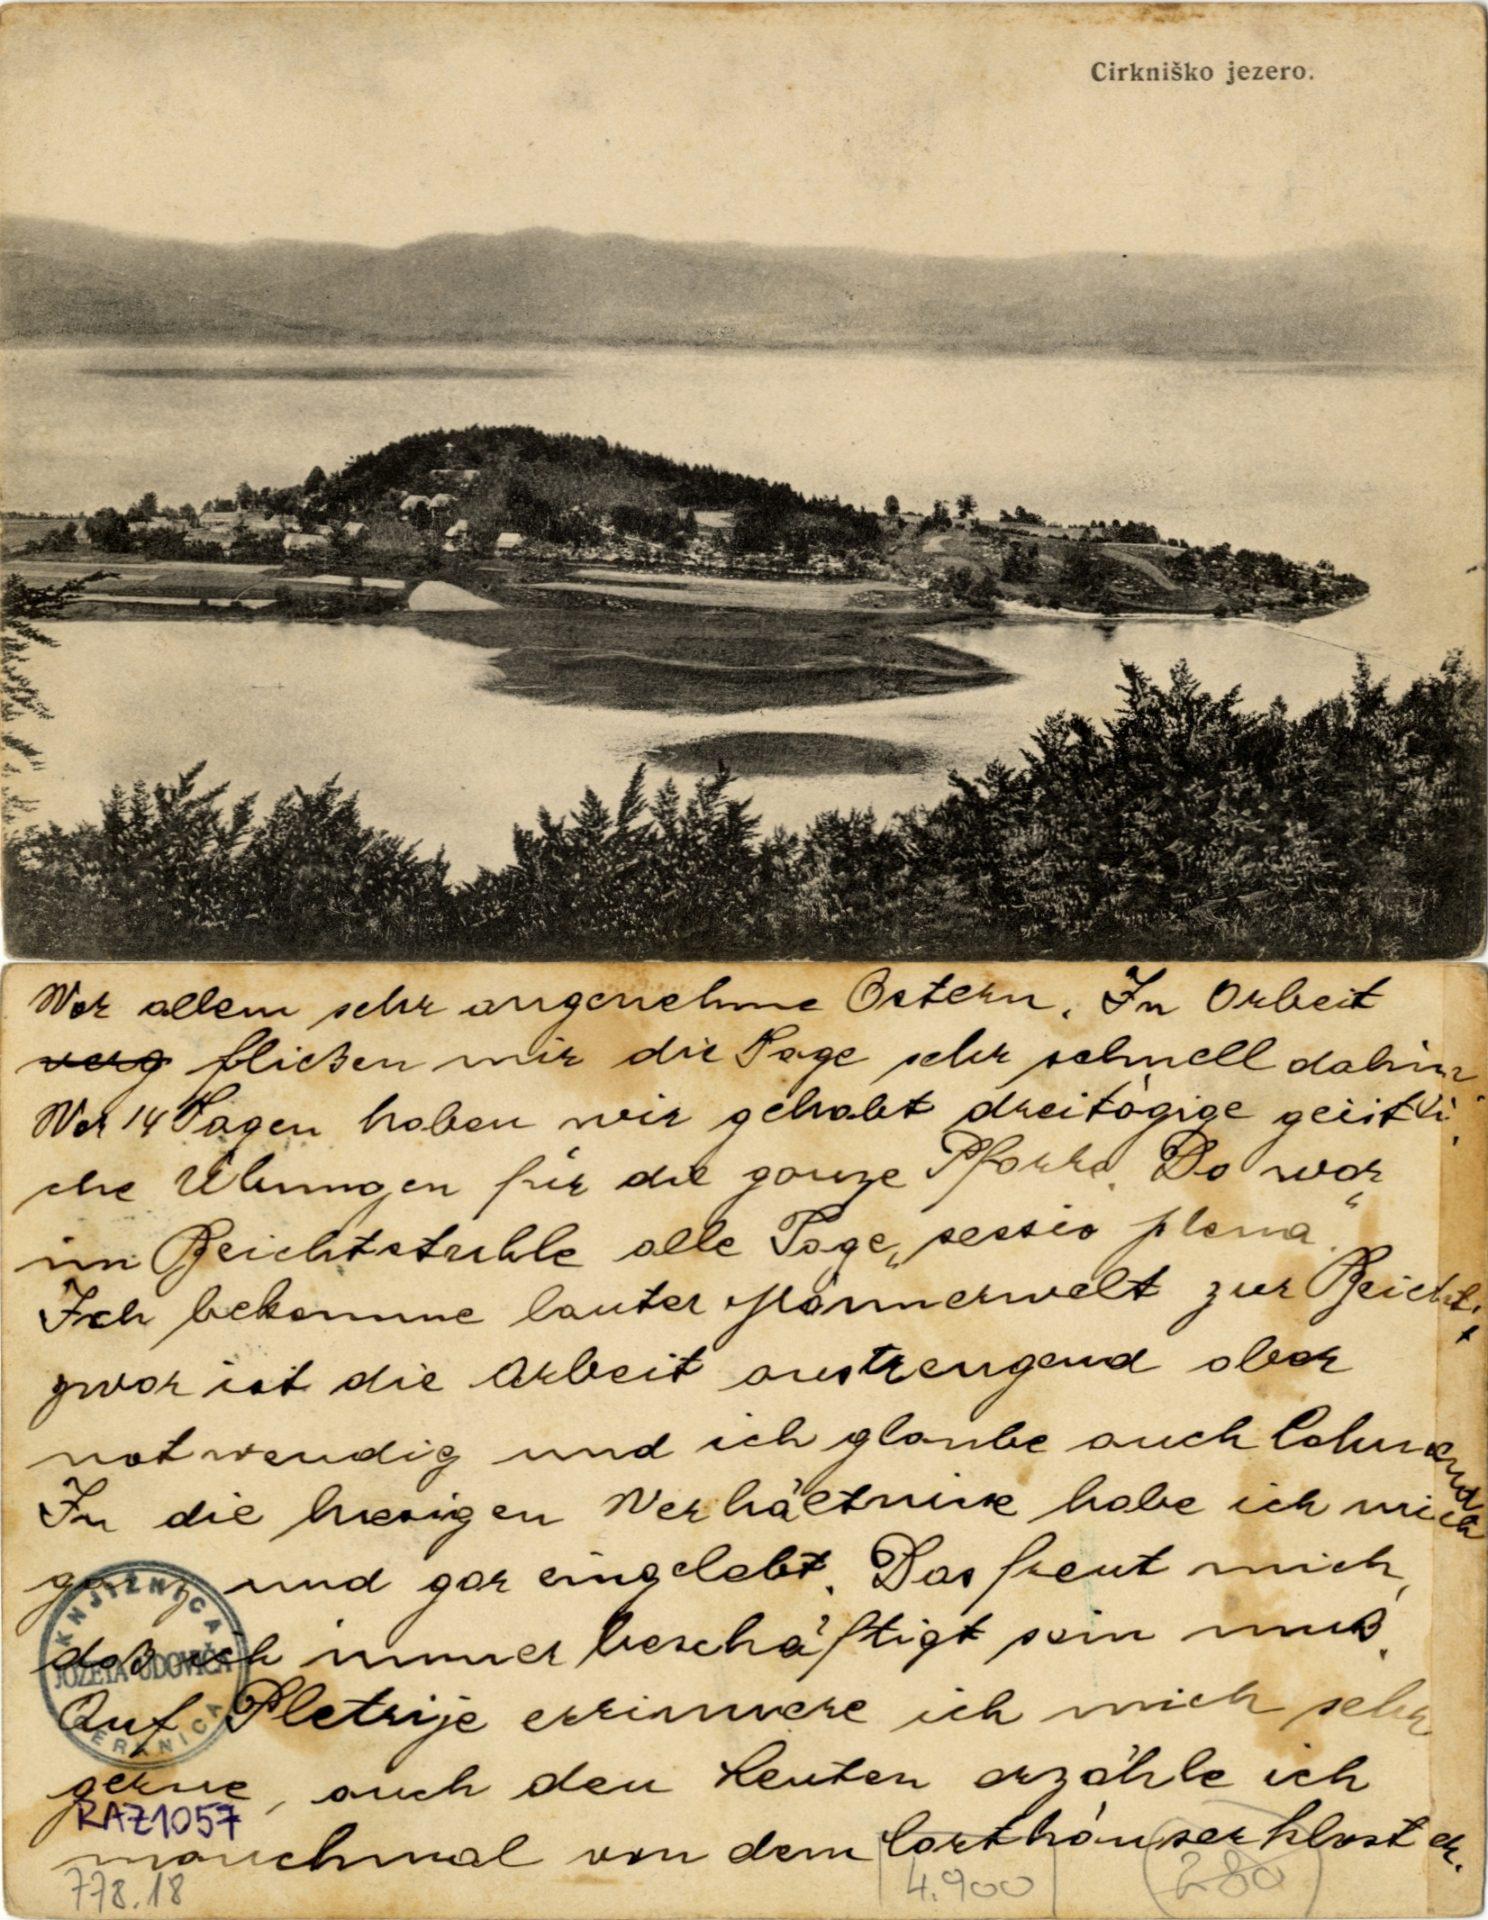 zlimano 21 - Cerkniško jezero